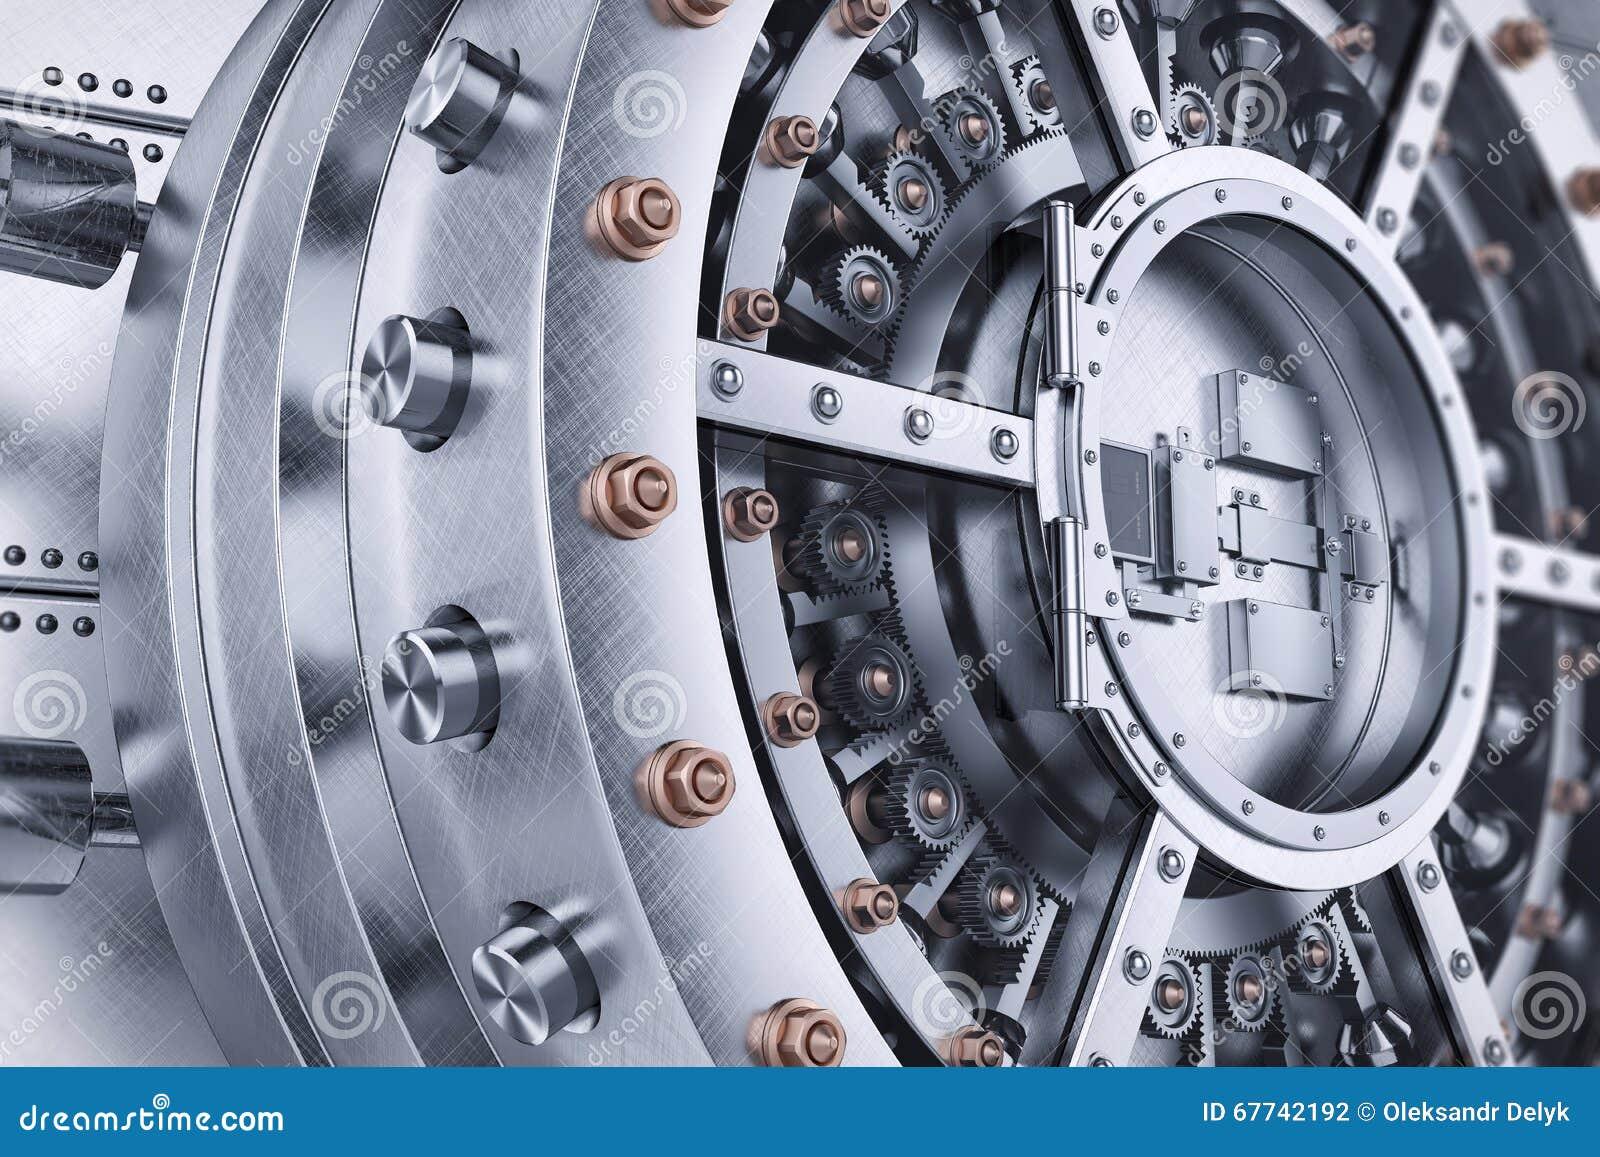 Vault Bank Safe Open Door Mechanism Stock Illustration